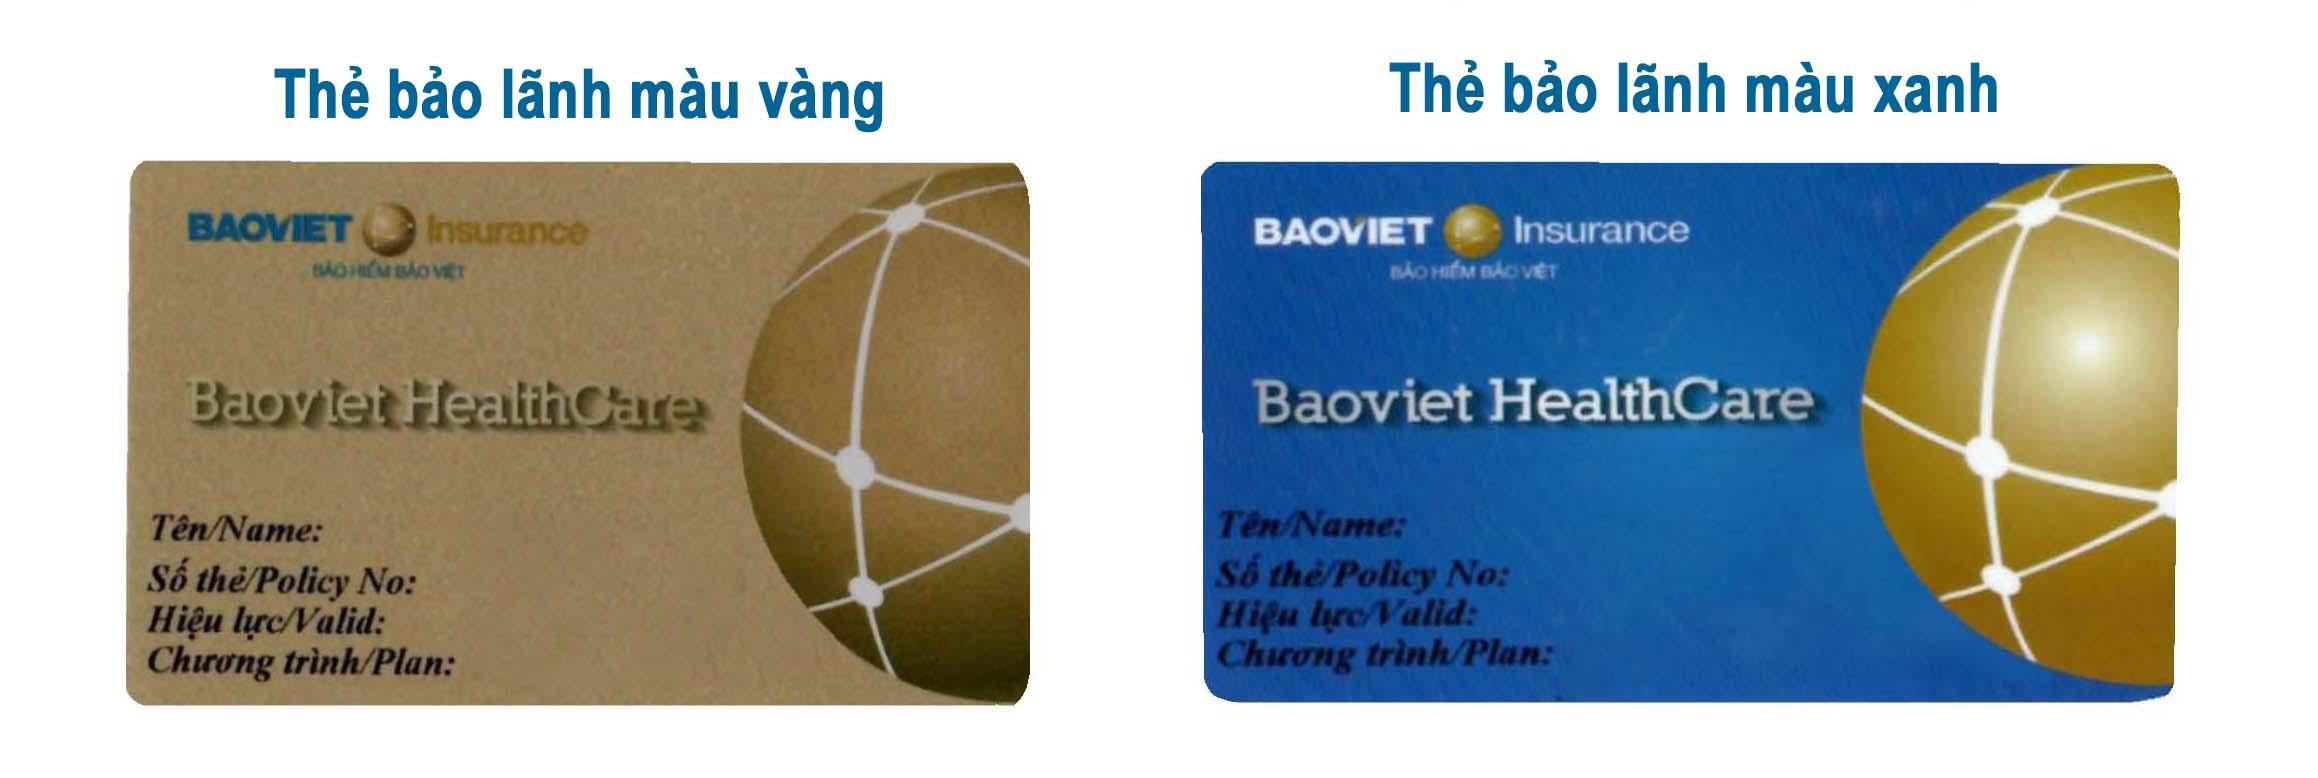 the-bao-hiem